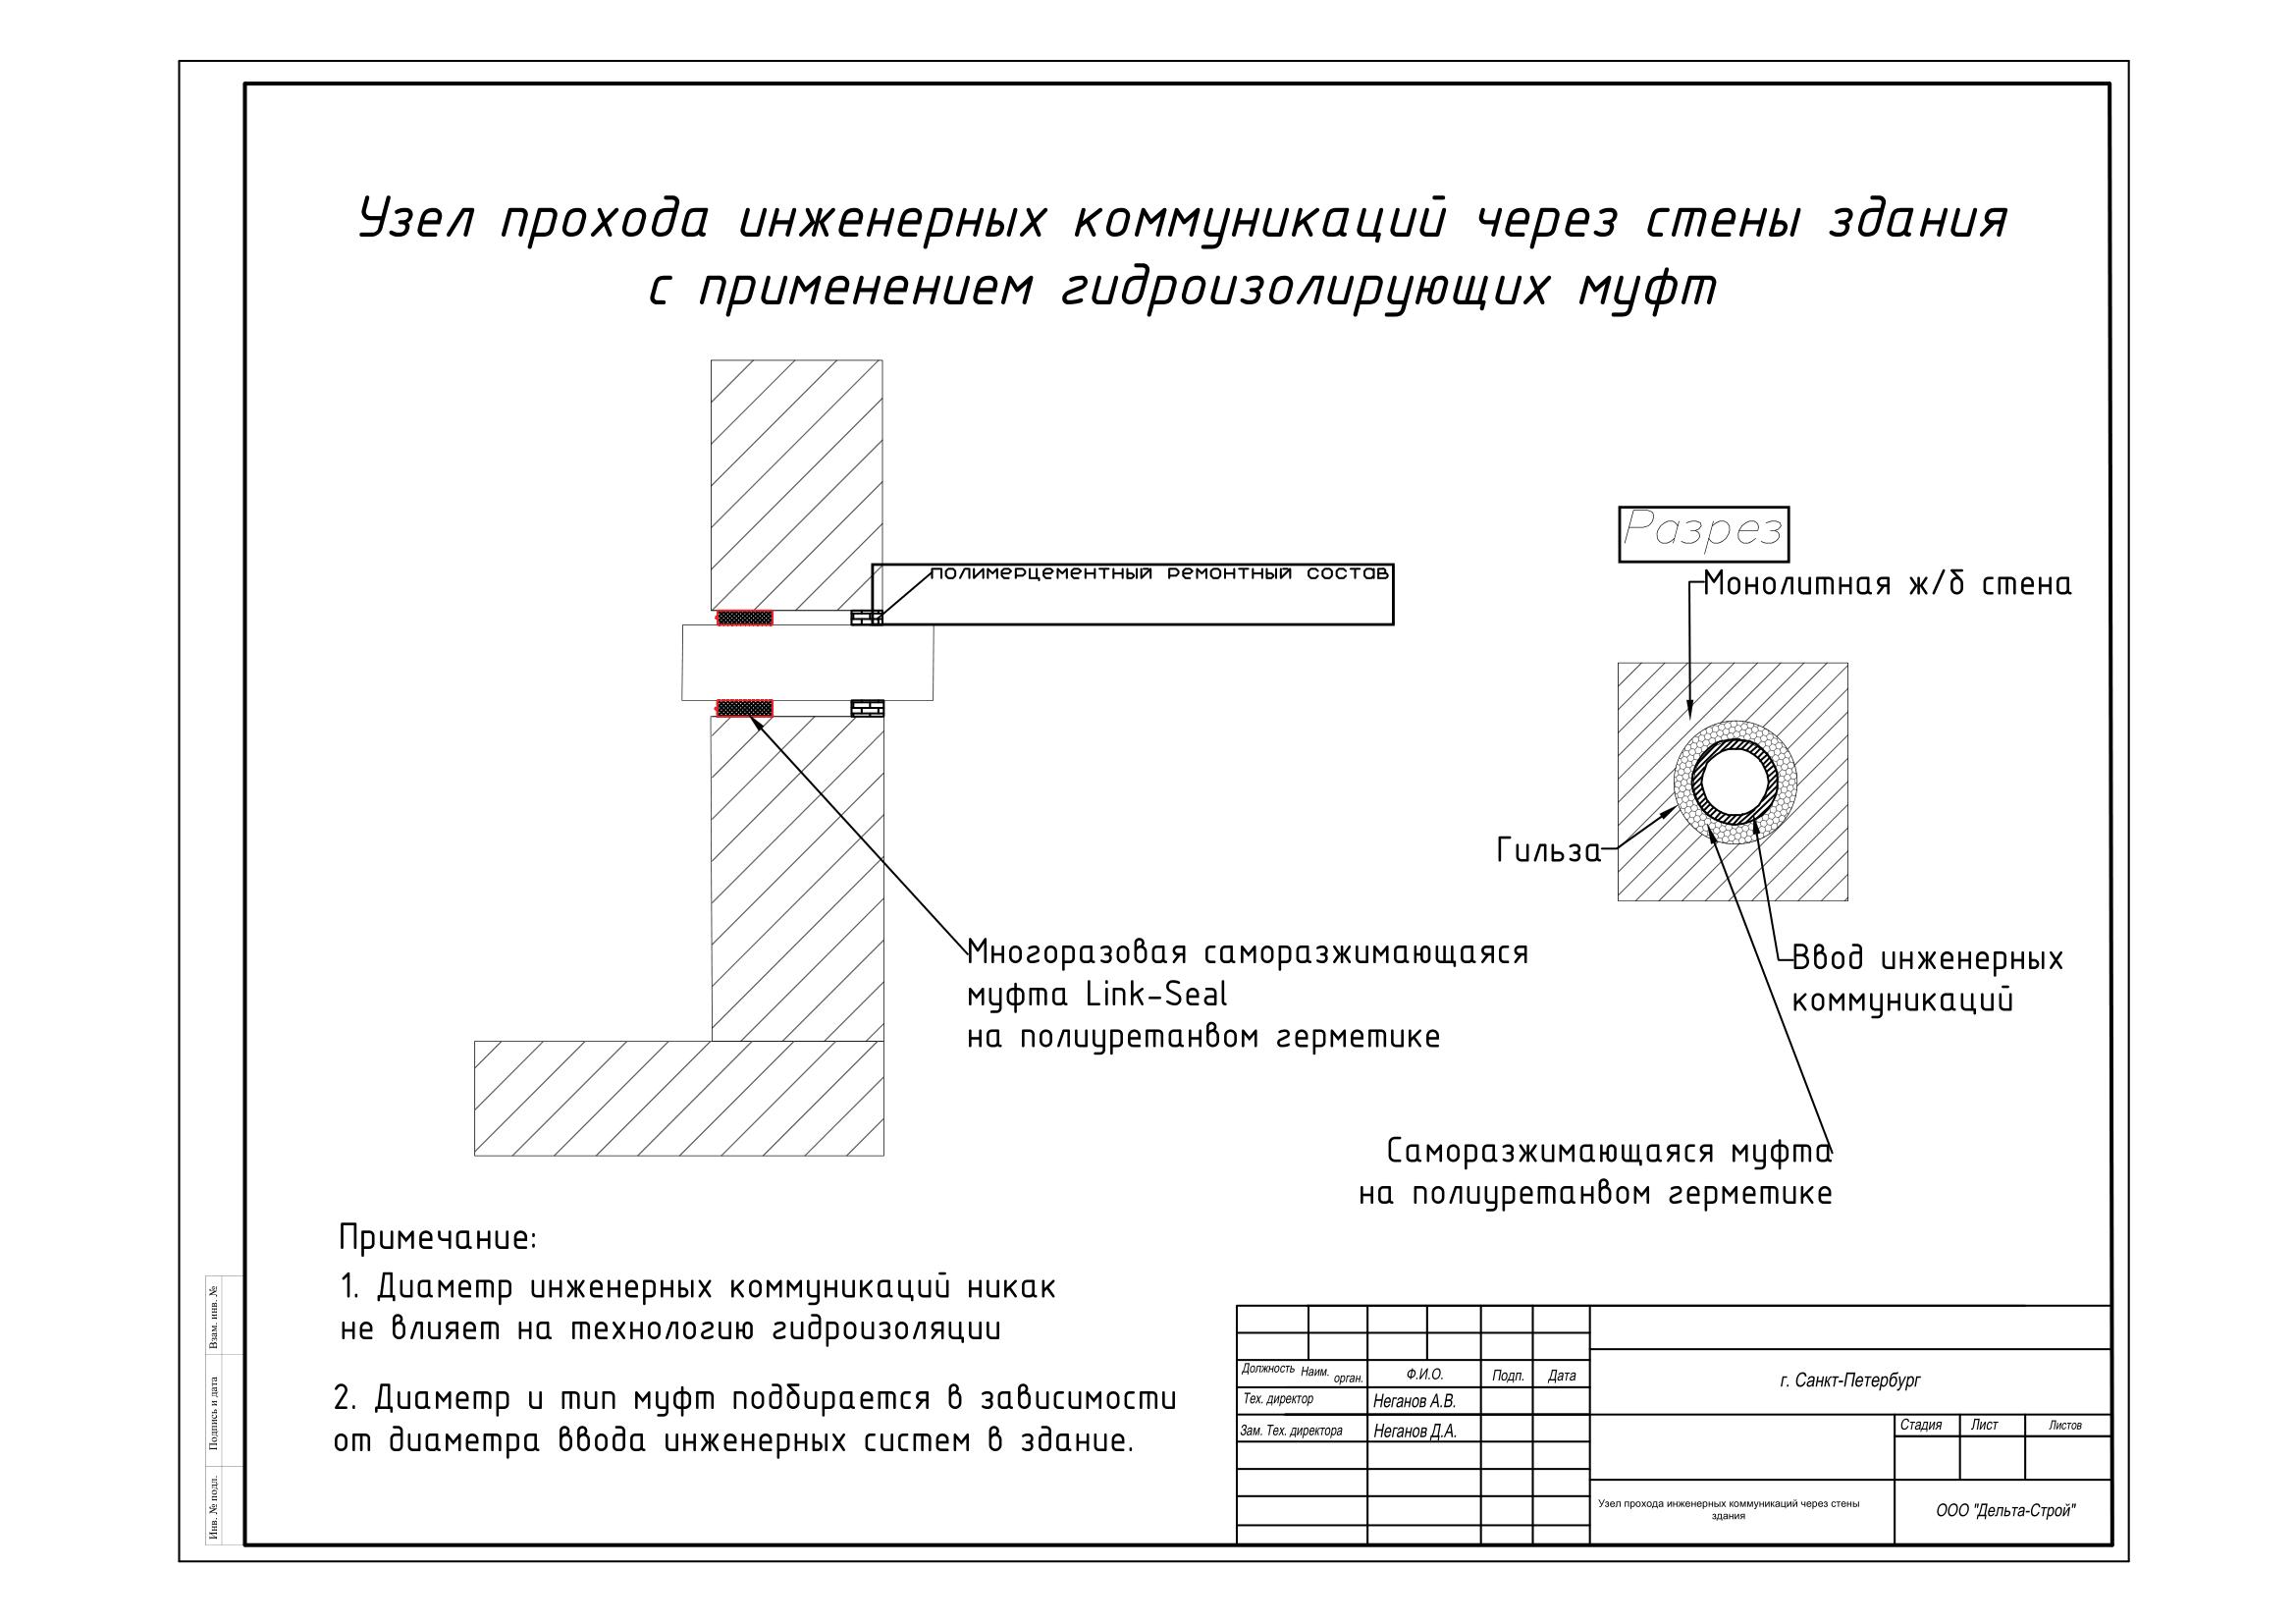 гидроизоляция вводов инженерных коммуникаций с применением муфты-1